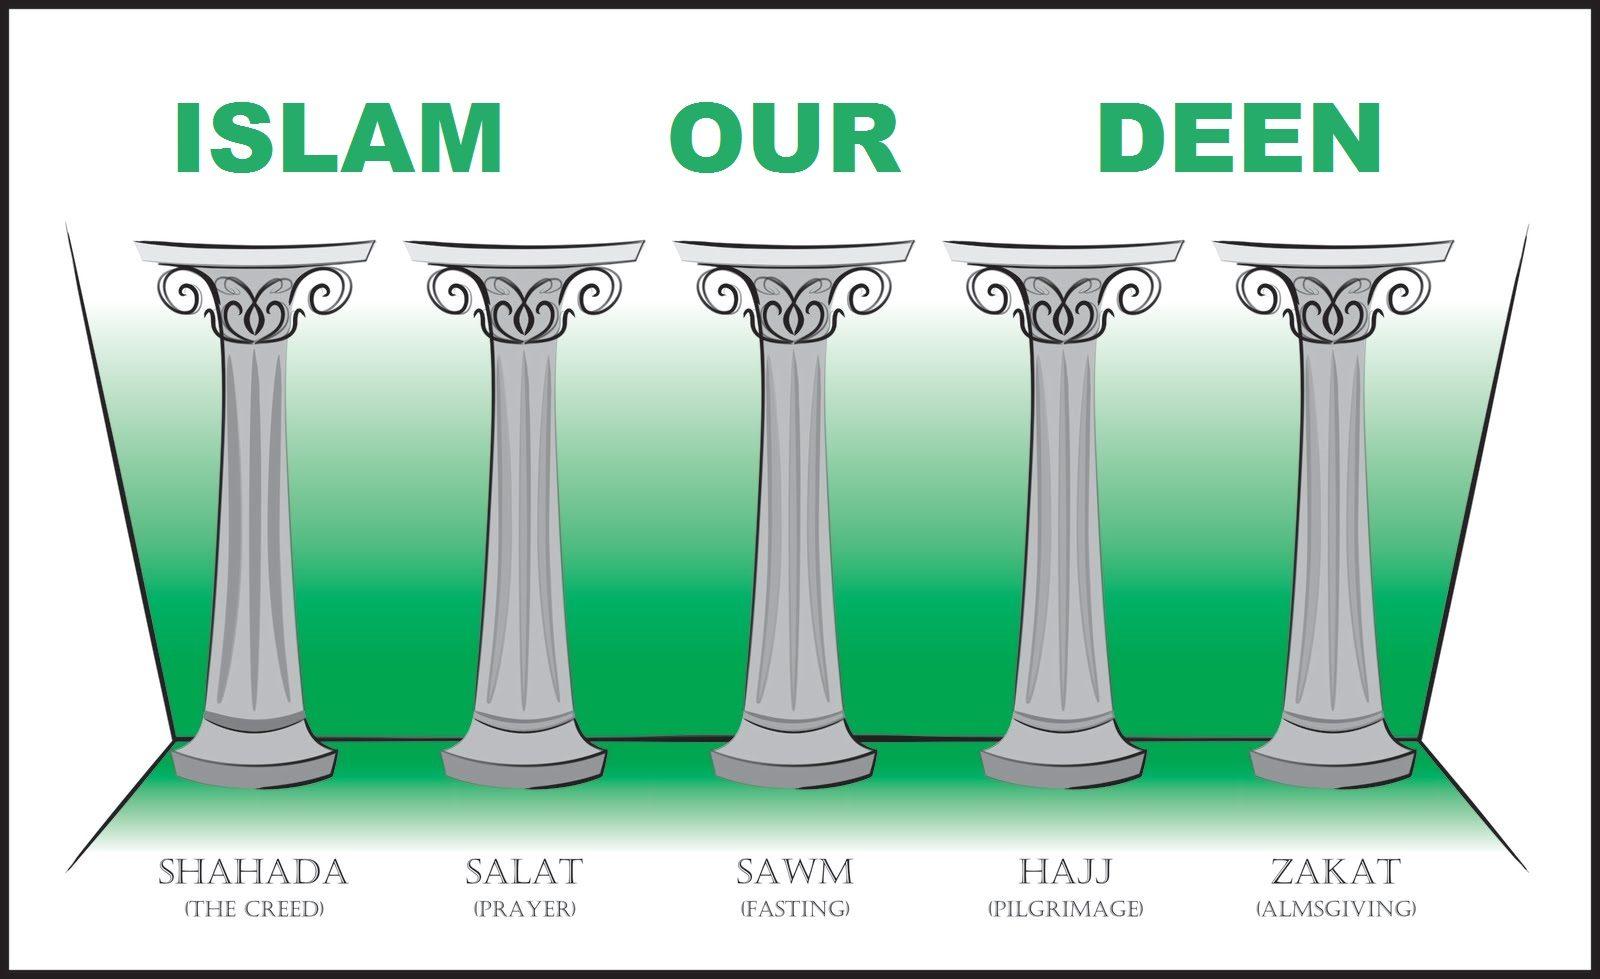 Islam Our Deen